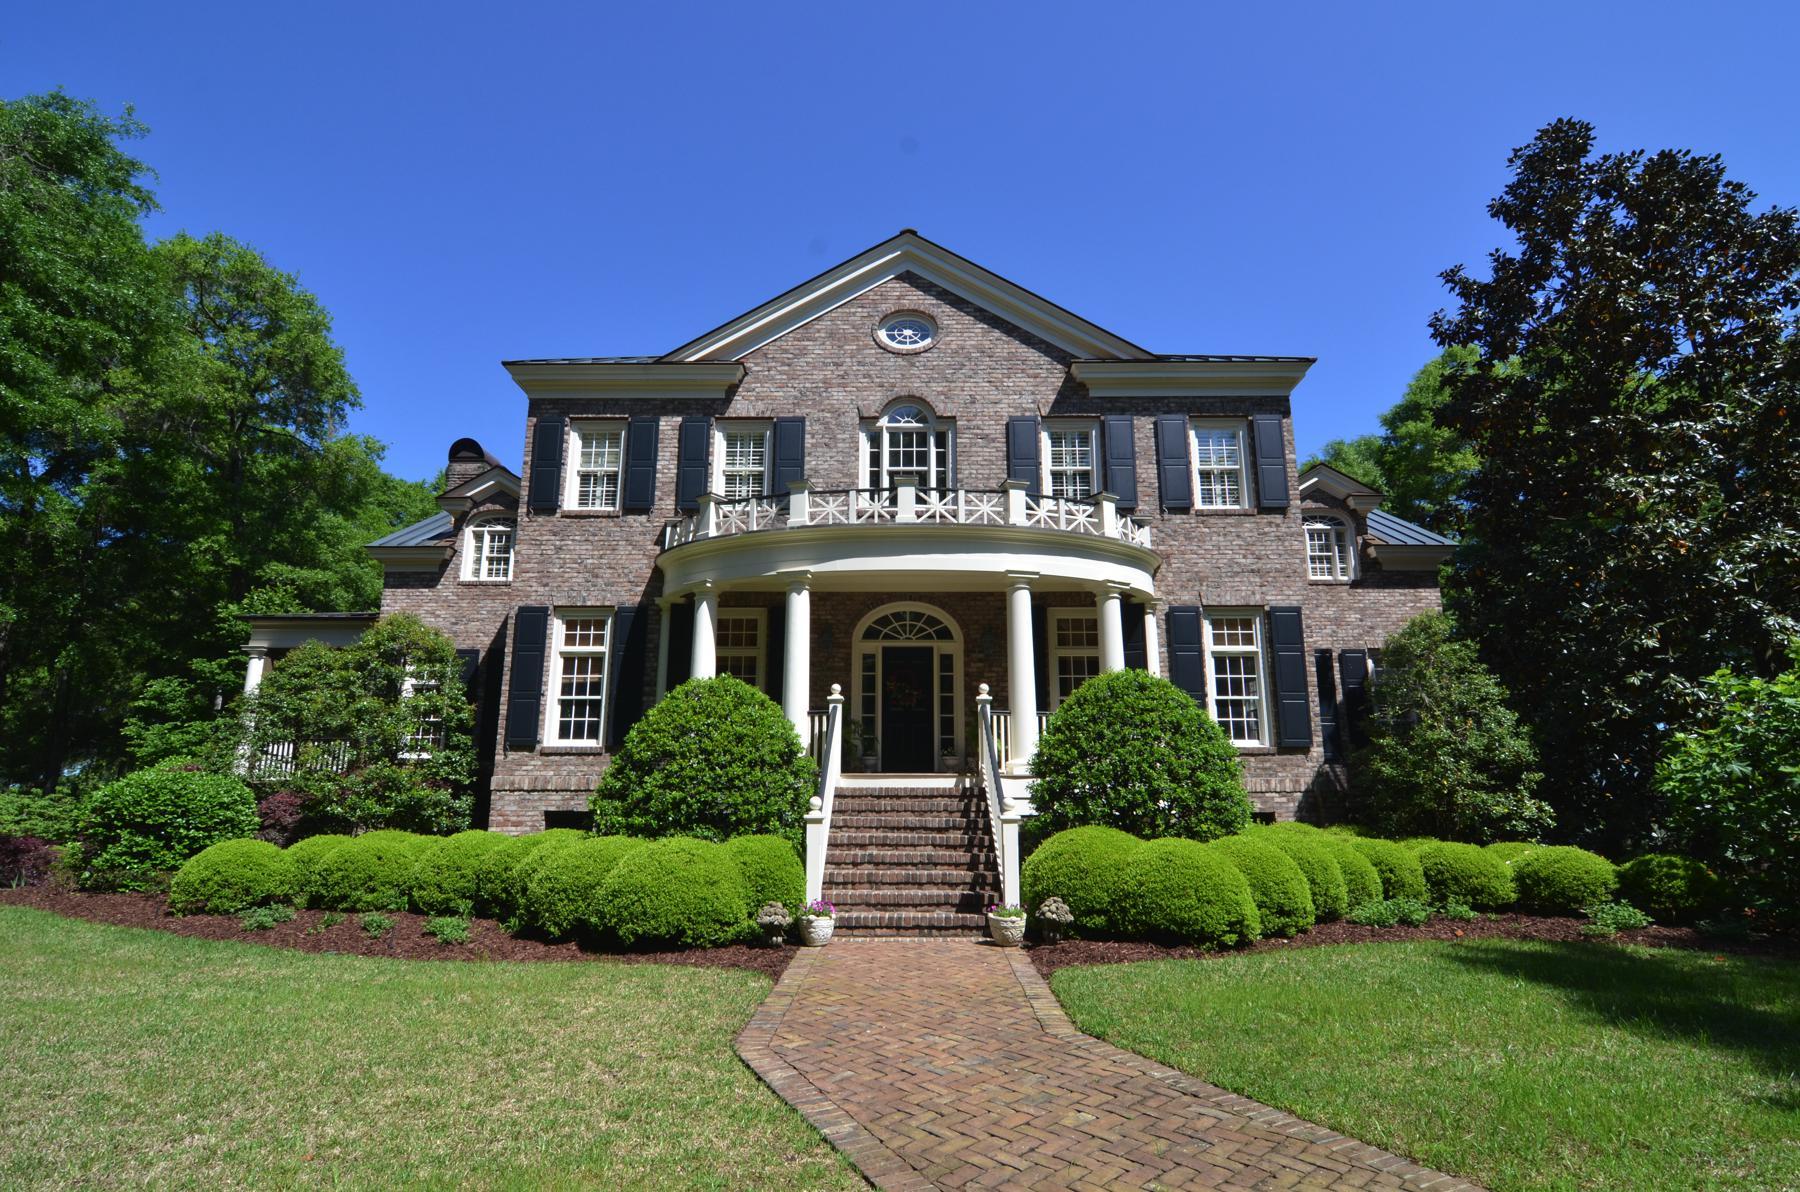 一戸建て のために 売買 アット 99 Rice Bluff Road Pawleys Island, サウスカロライナ, 29585 アメリカ合衆国